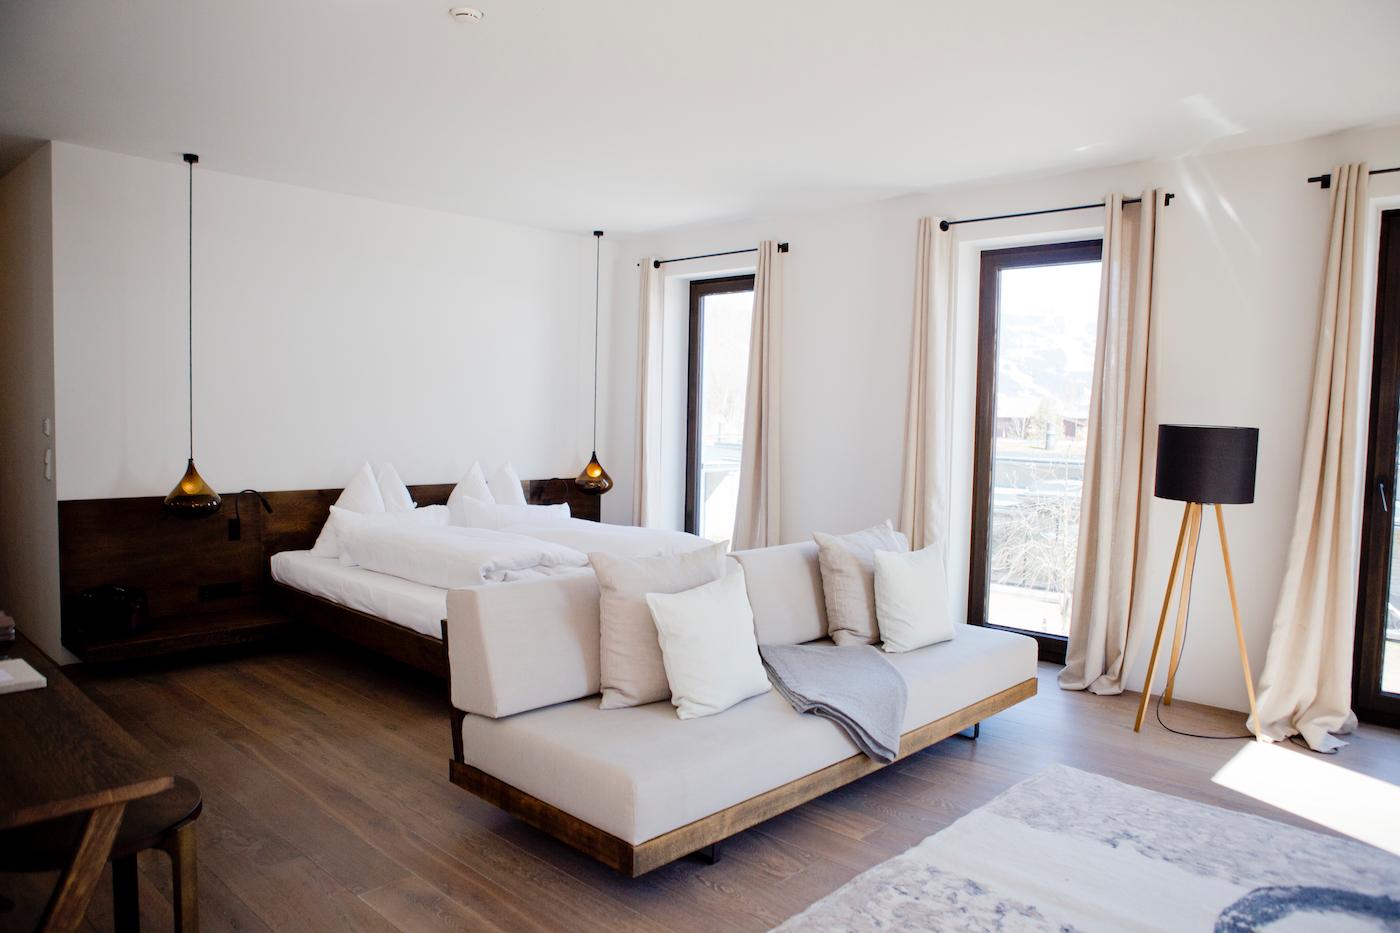 Wiesergut 5 sterne design hotel saalbach hinterglemm for Design hotel 2017